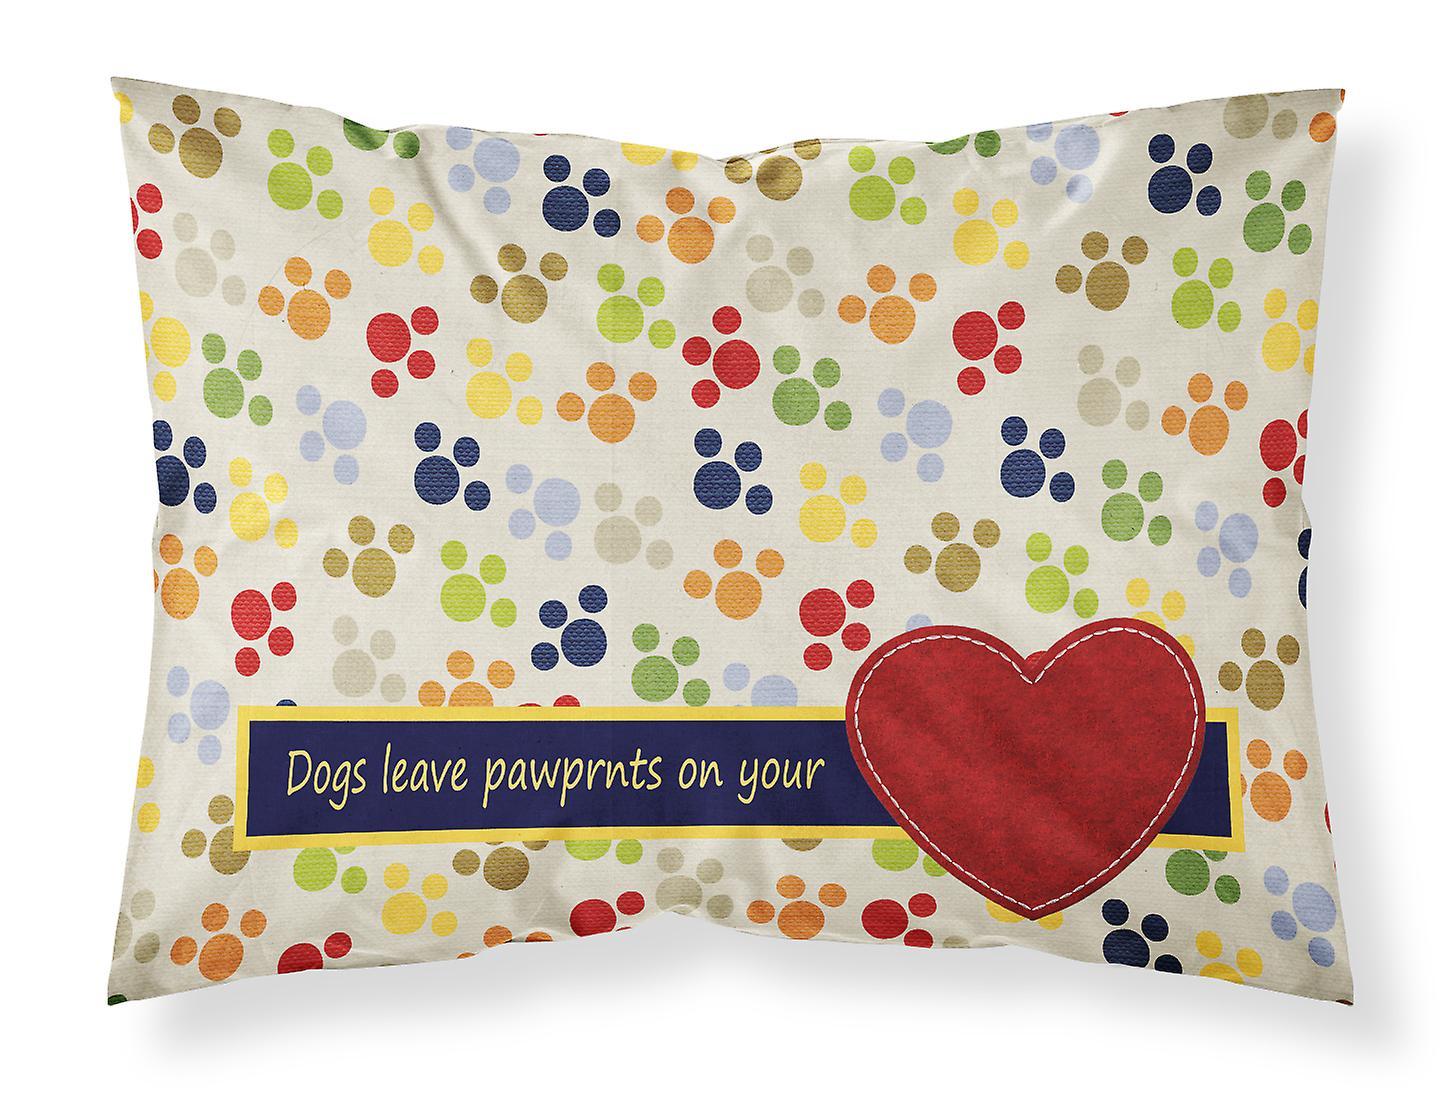 Taie Wicking D'oreiller Votre Les Coeur L'humidité Tissu Sur Laissent Standard Chiens Pawprints vYbf7gmI6y